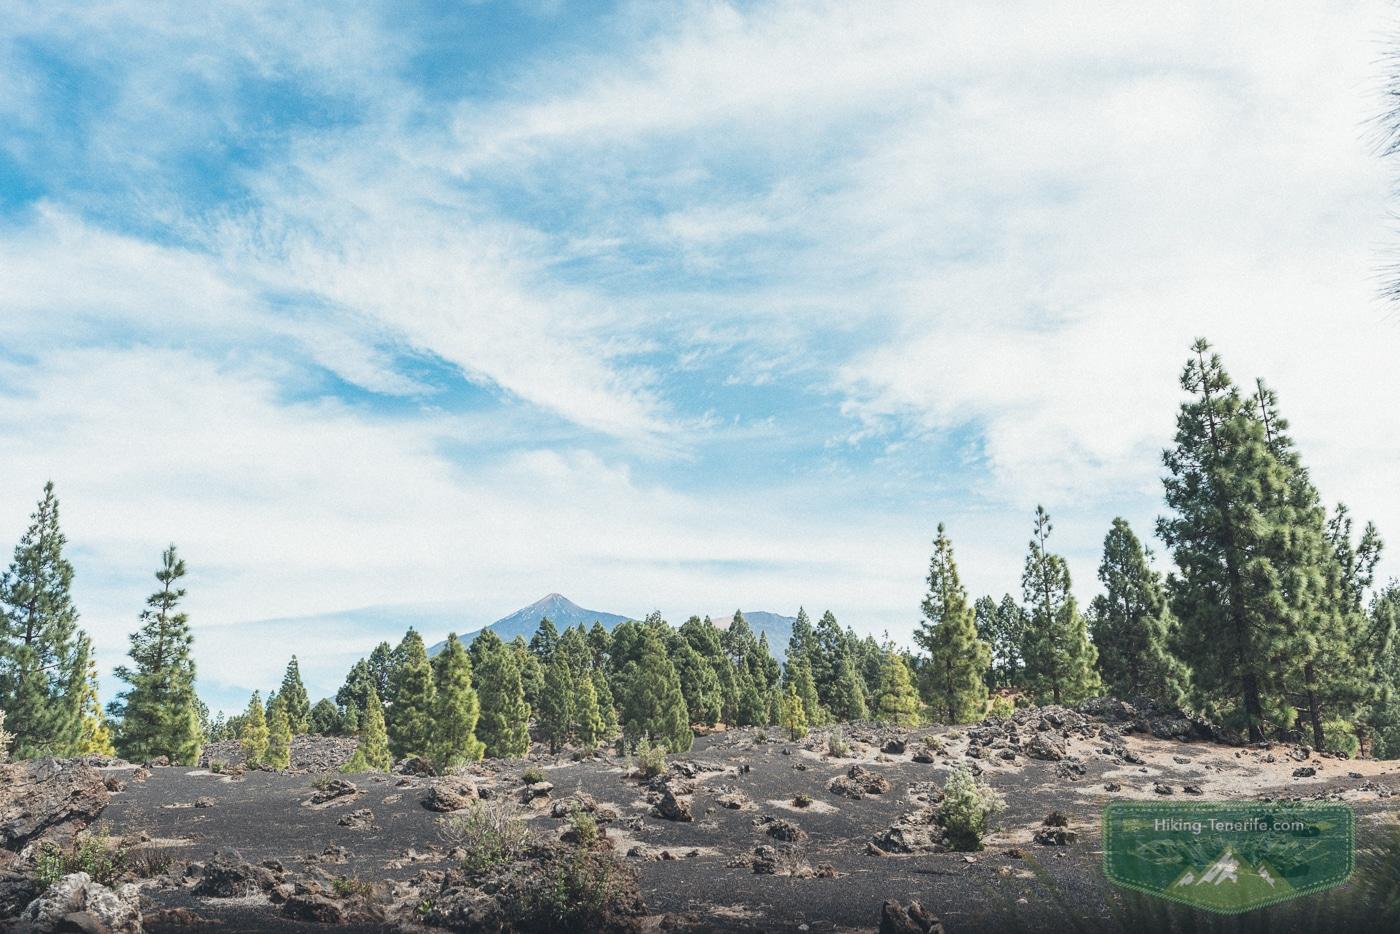 вулкан тейде и сосны Эрхоса